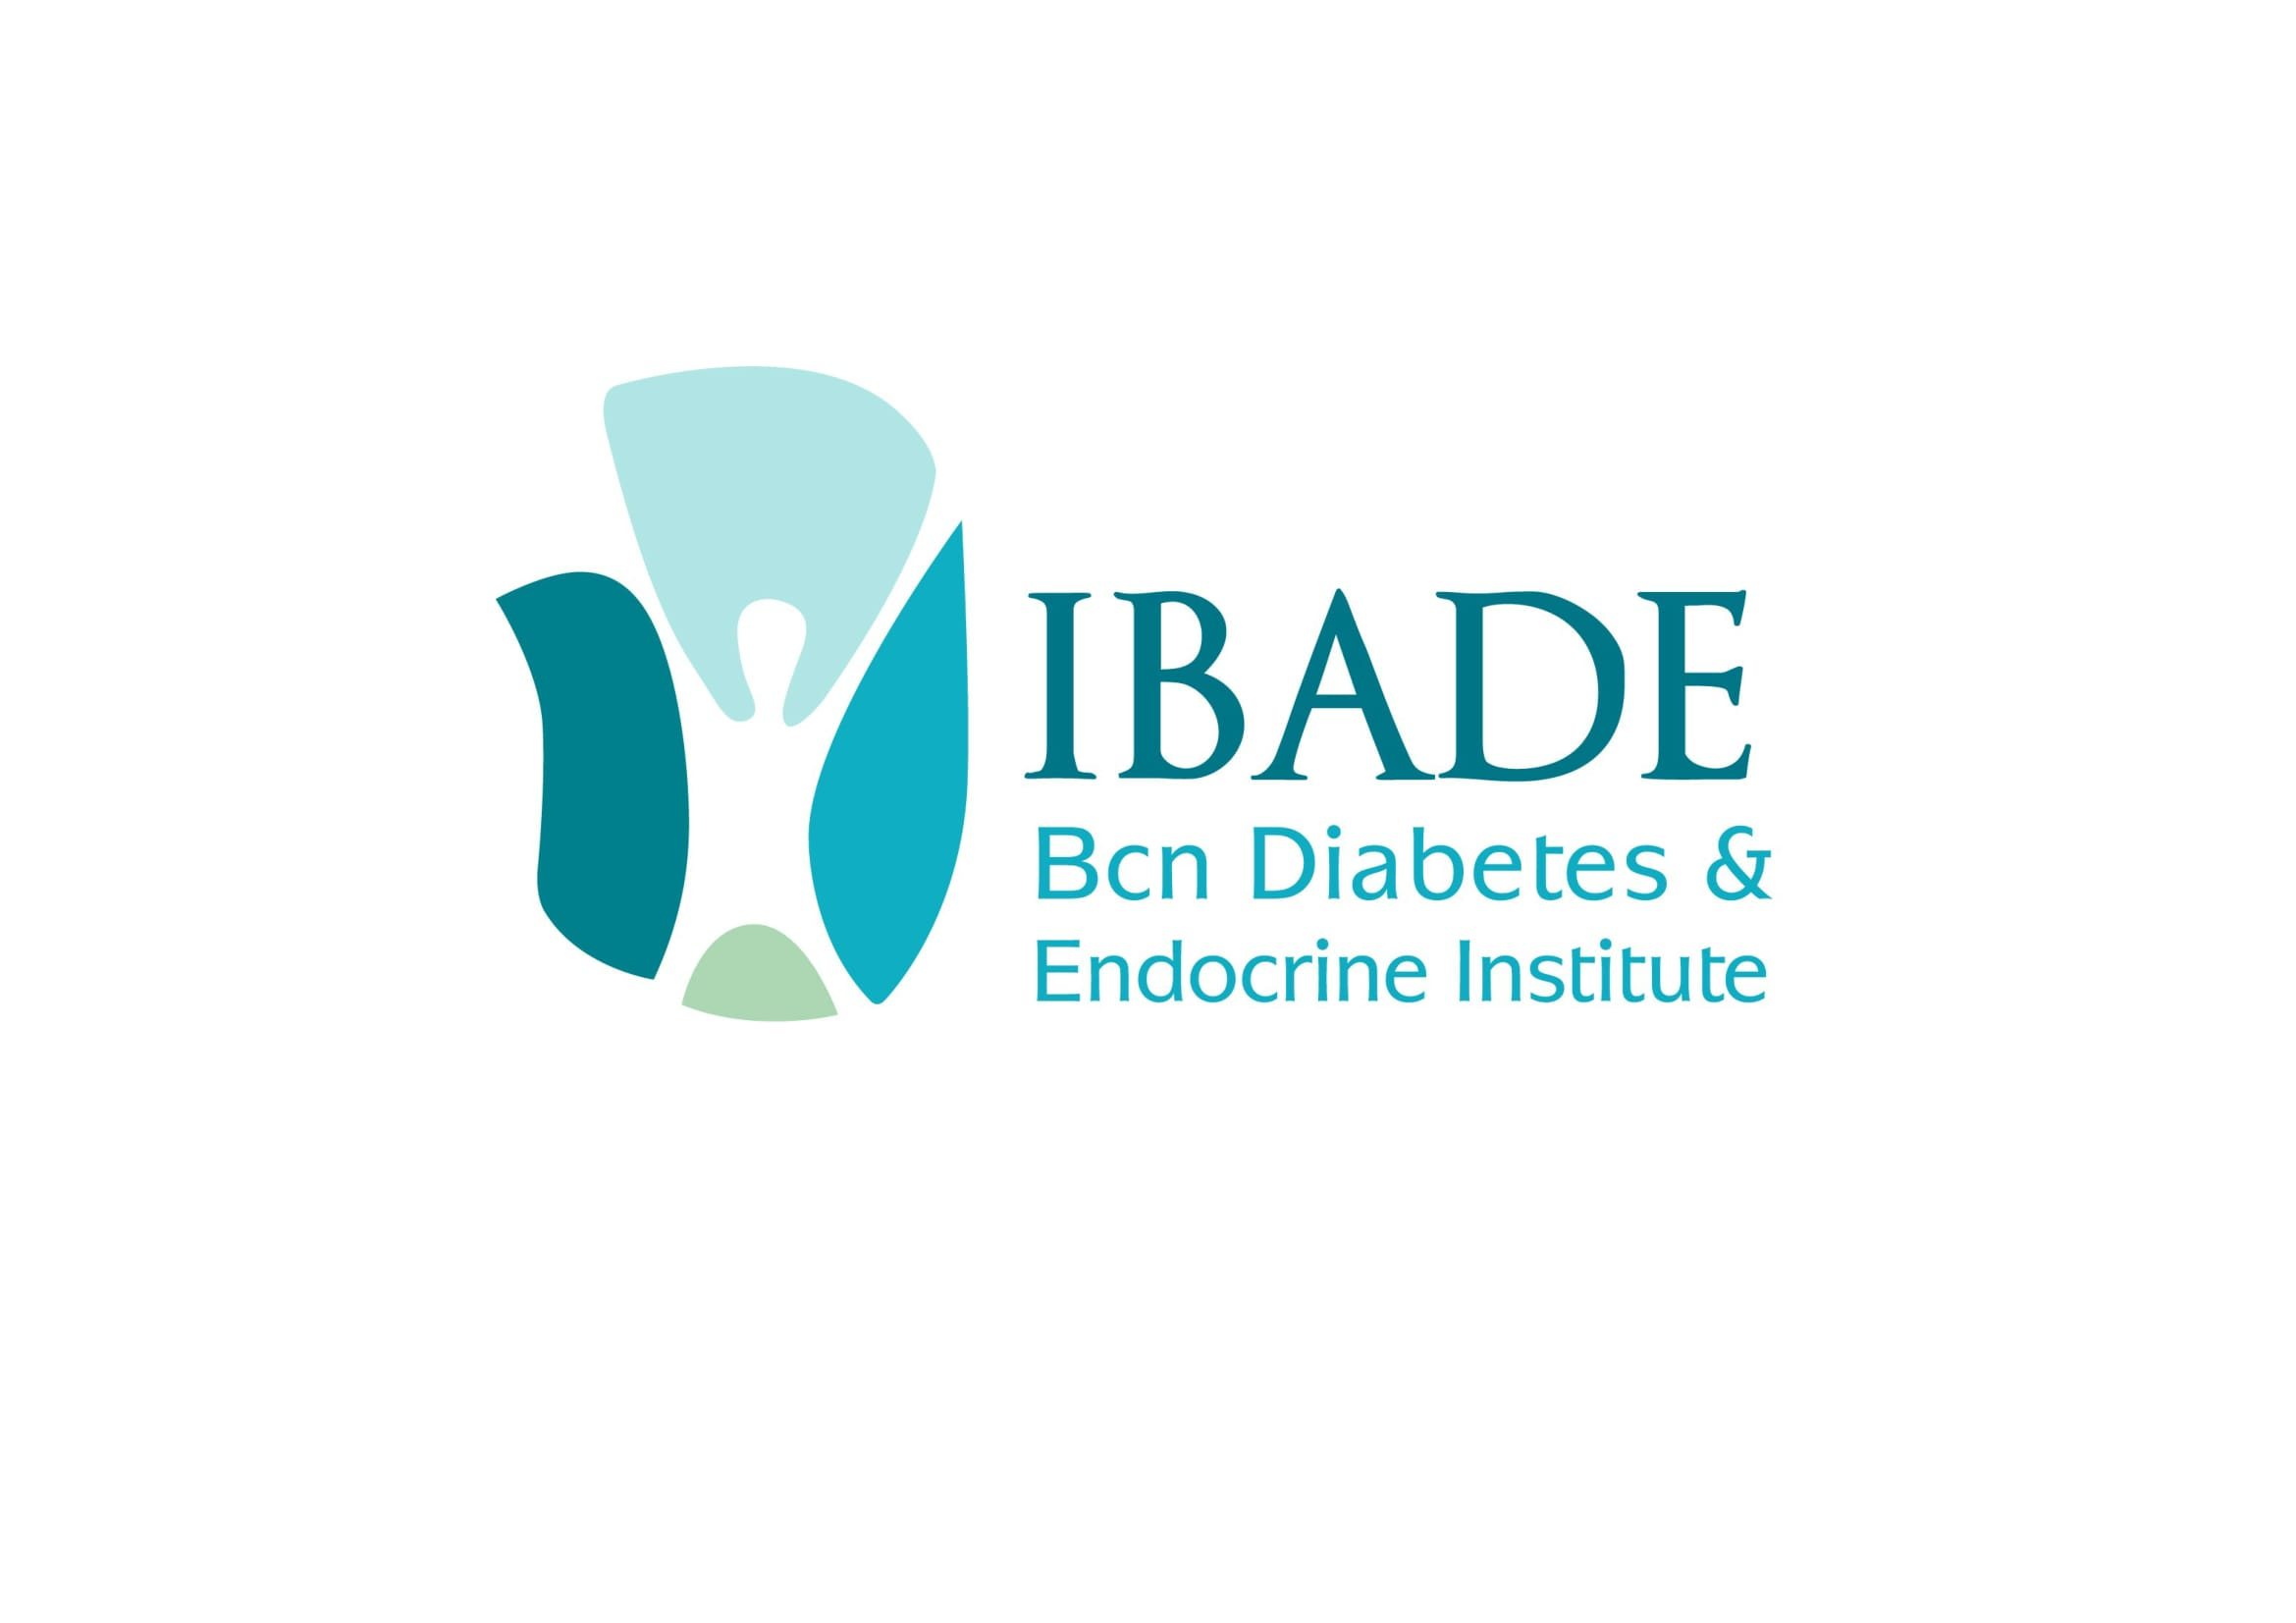 Ibade